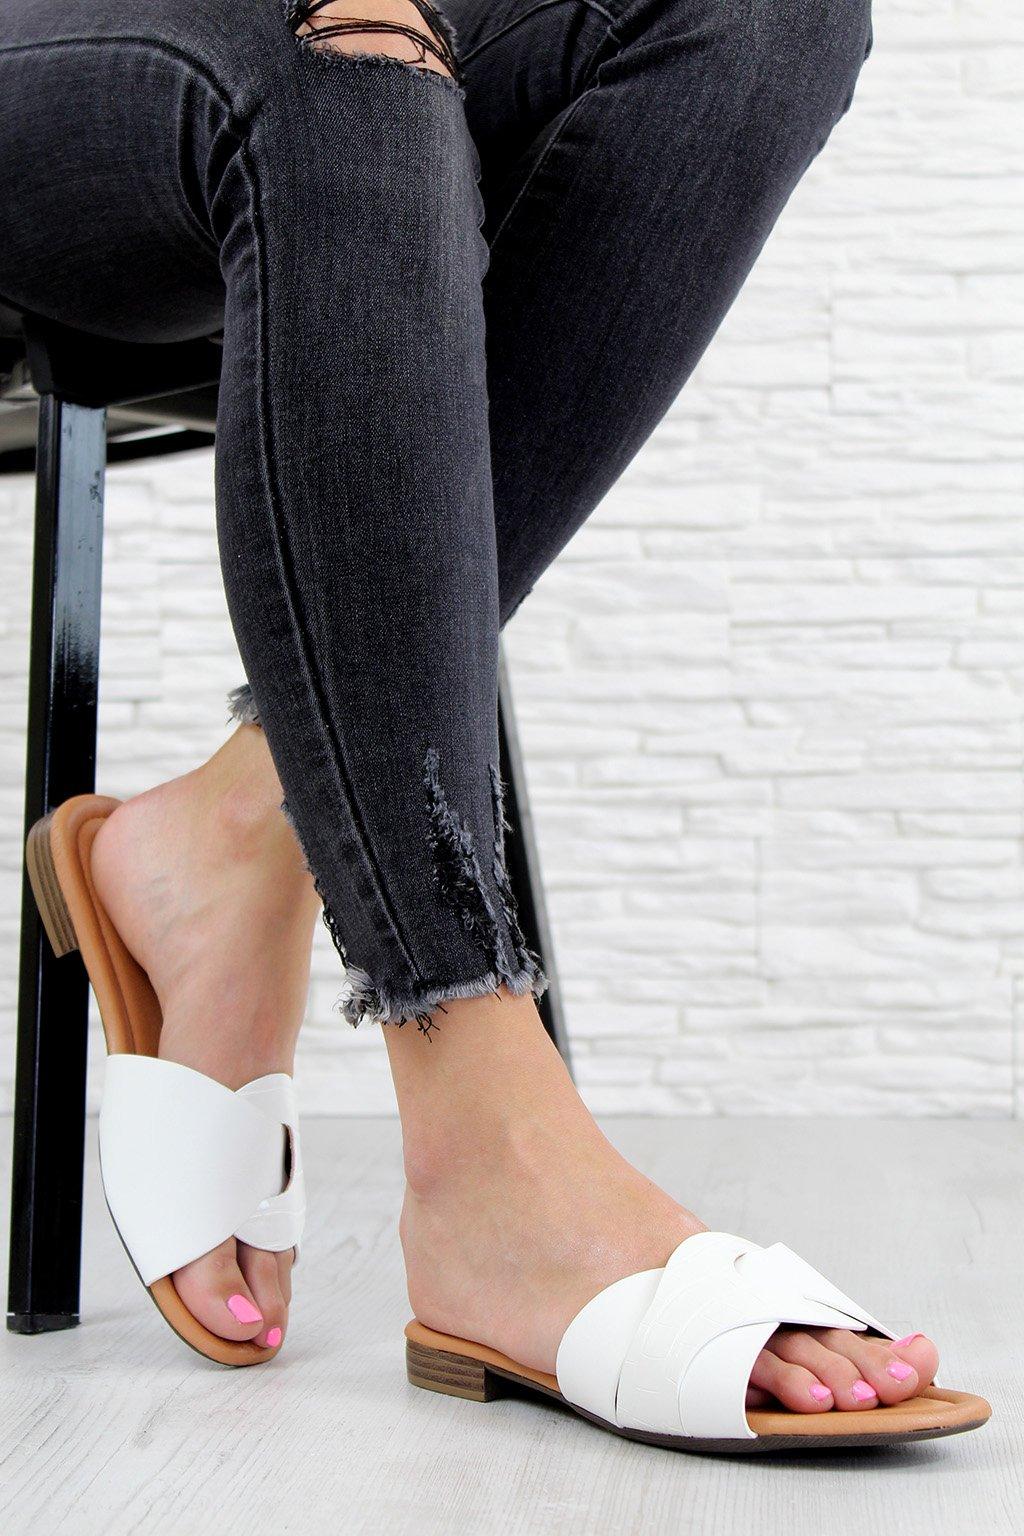 715 3WH Bílé pantofle (3)